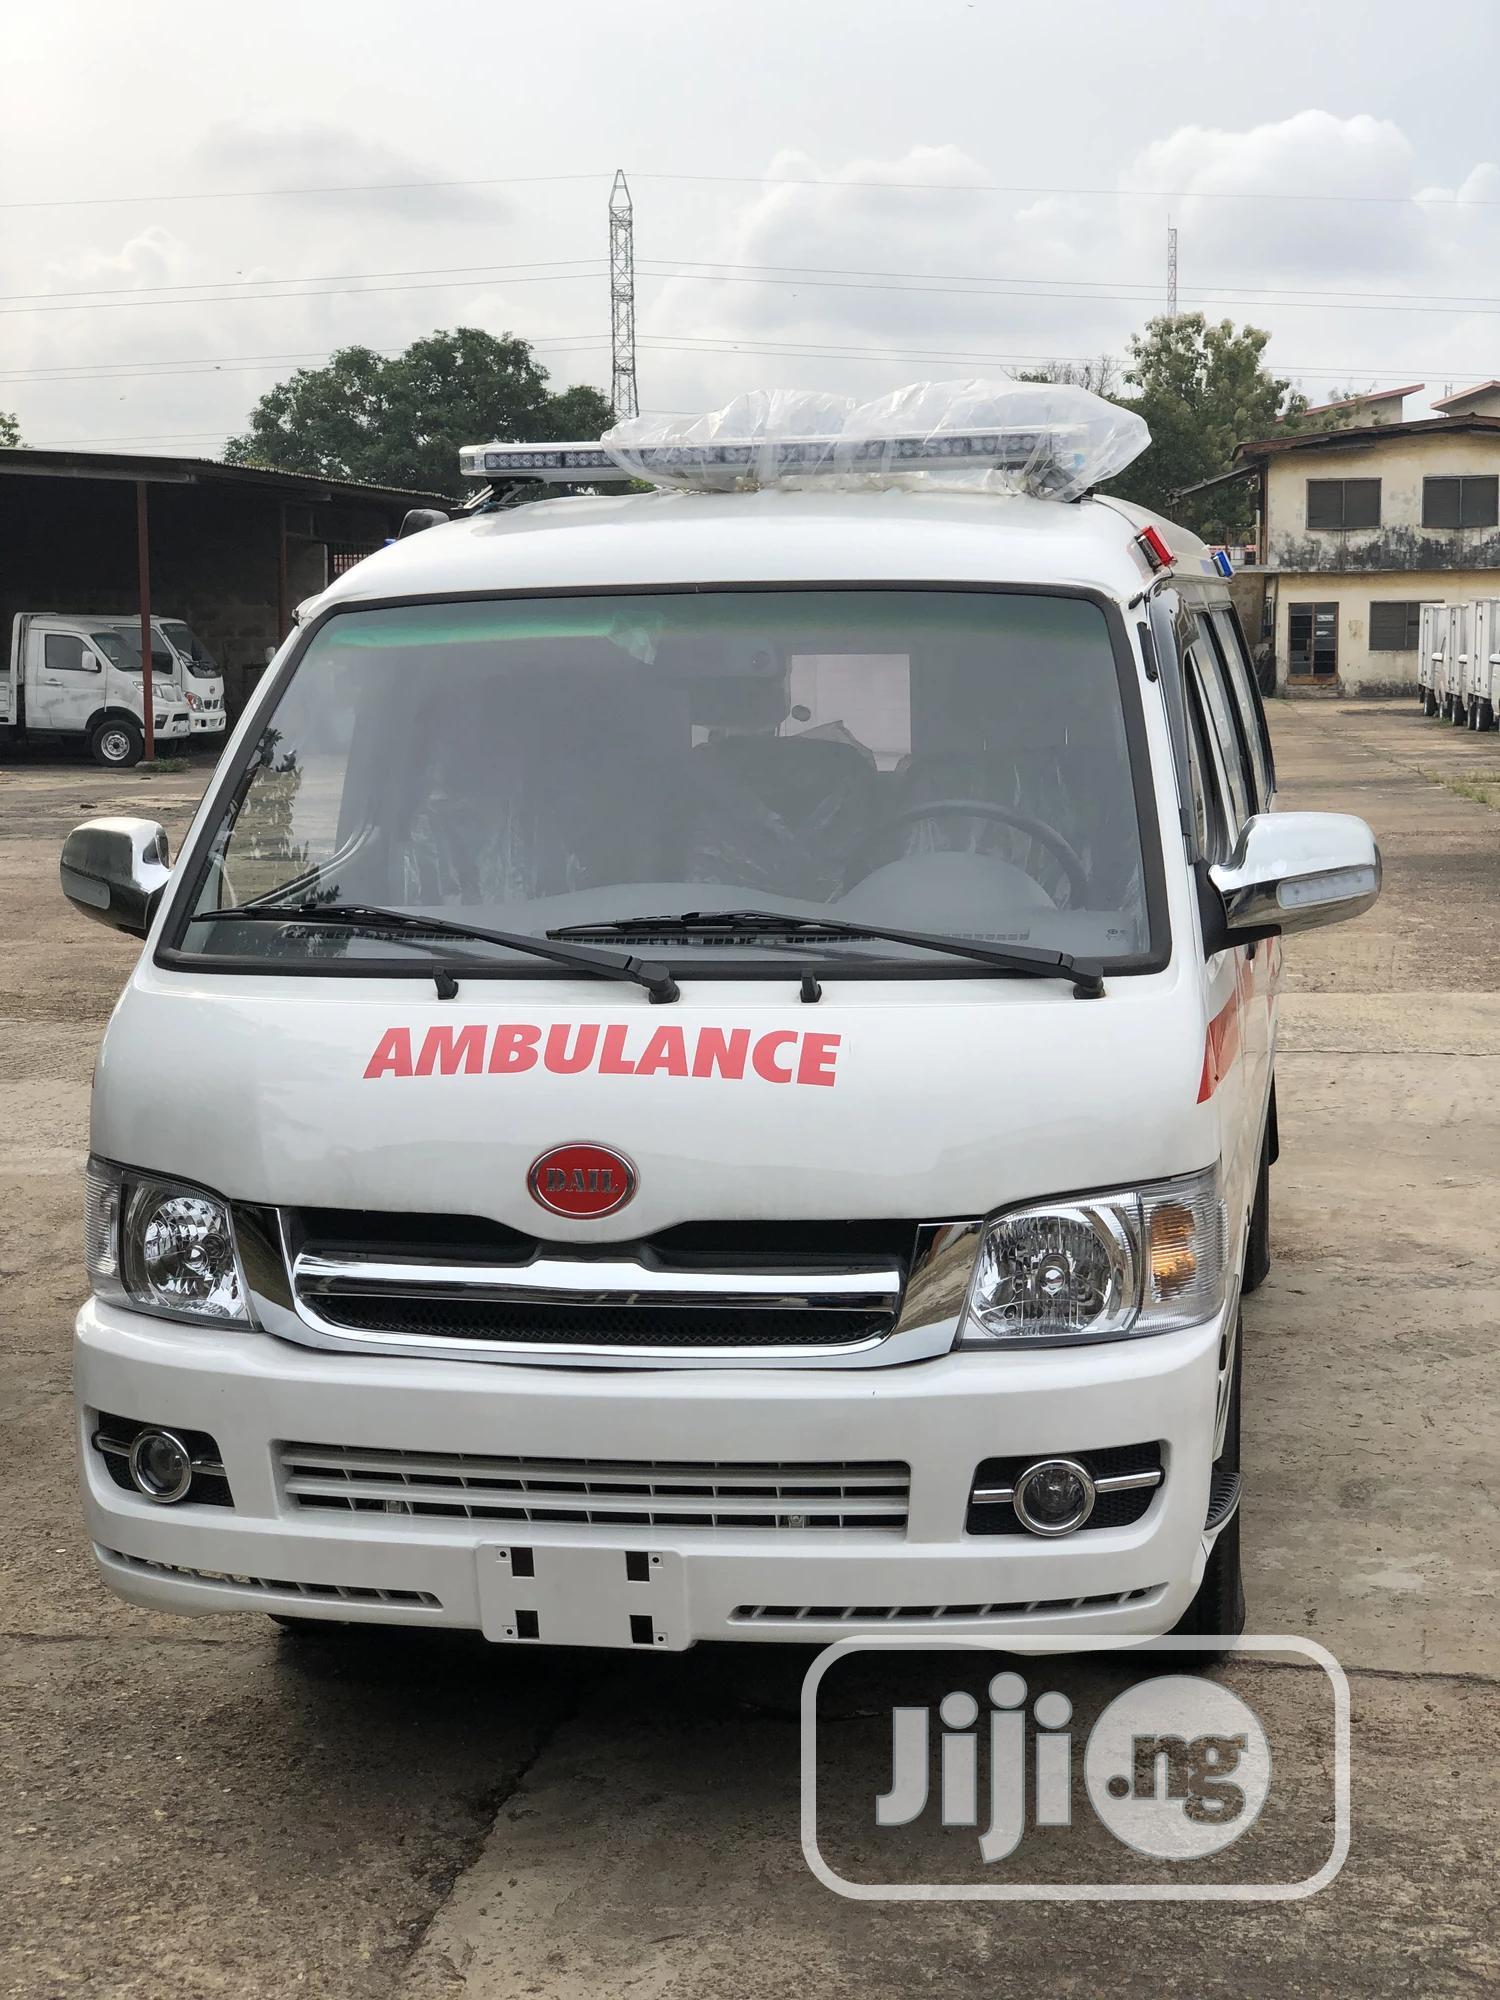 Jincheng Ambulance